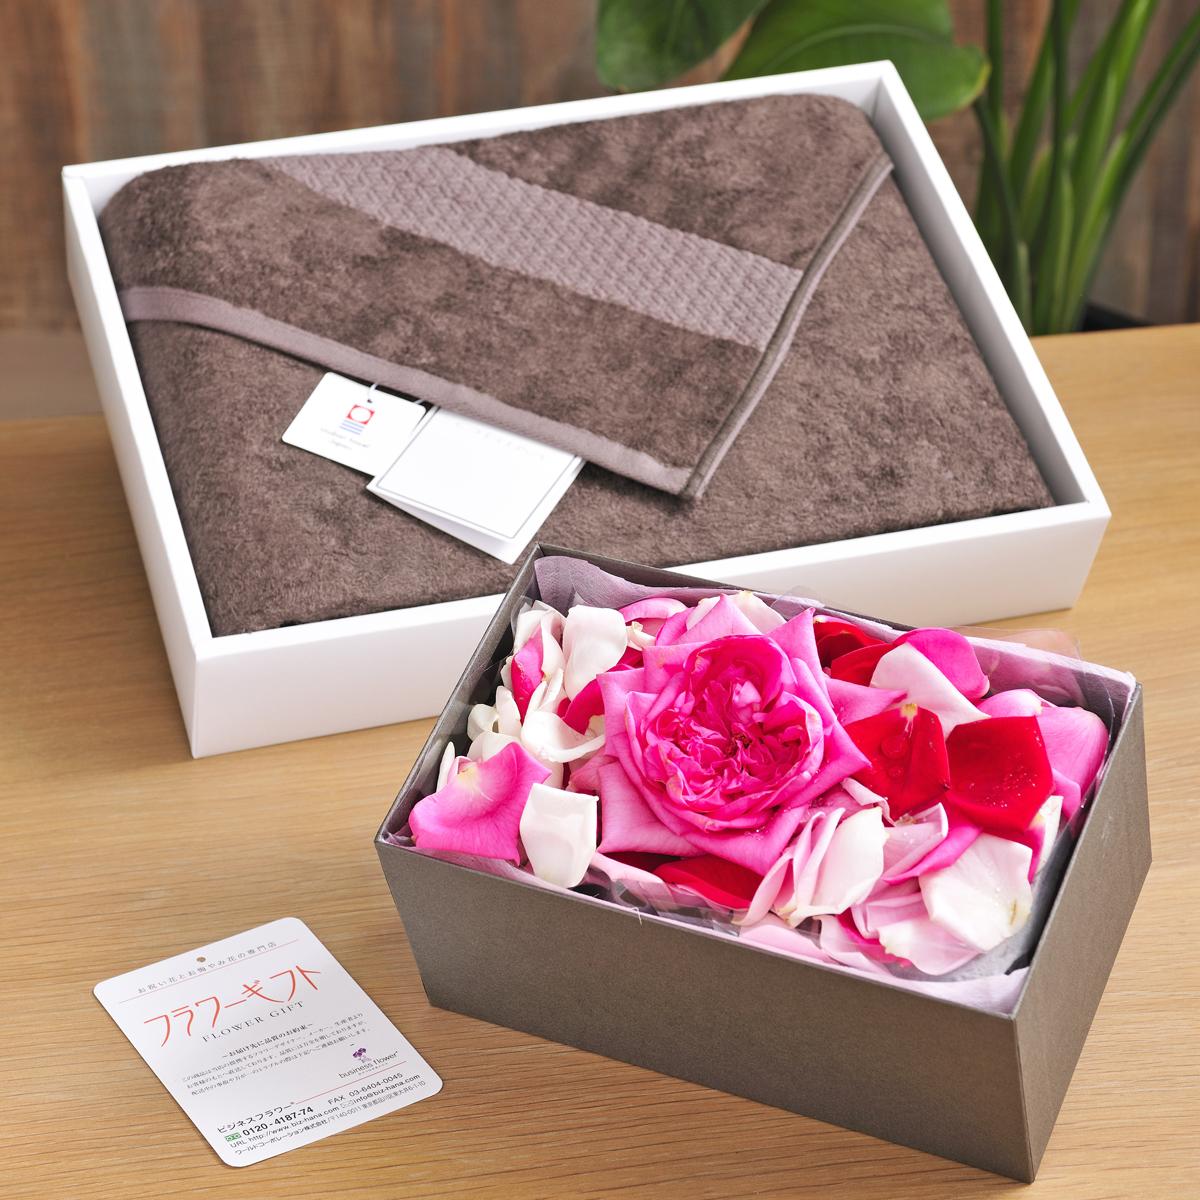 今治ブランド バスタオル(クリーム)と選べるお花のギフトセット[UC-4000]【送料無料】